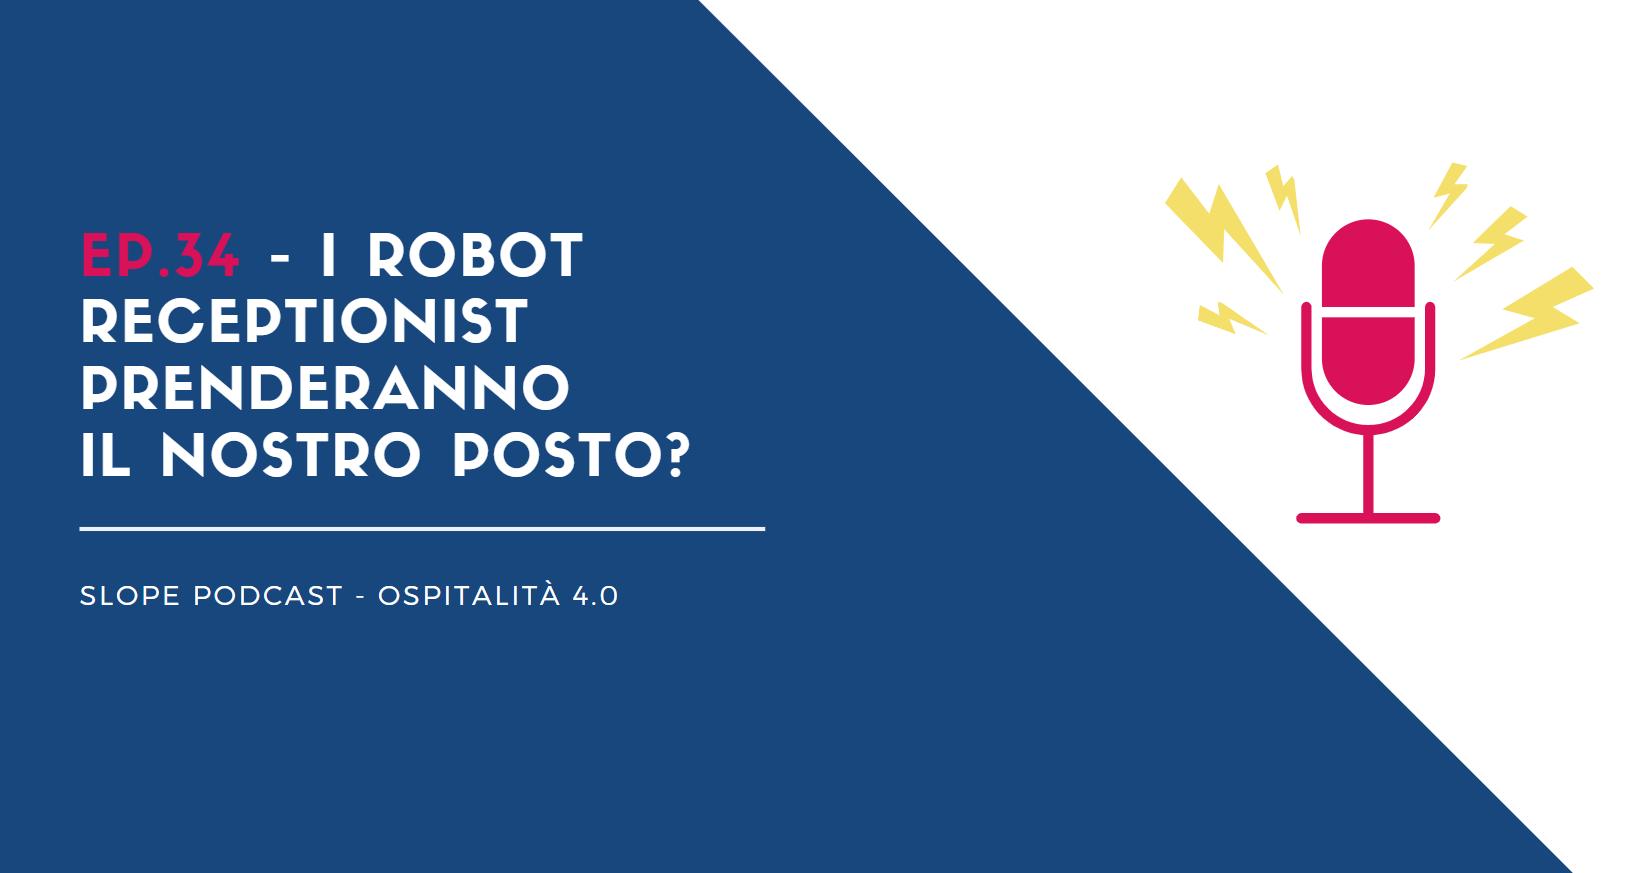 Robot Receptionist Podcast Ospitalità 4.0 Slope